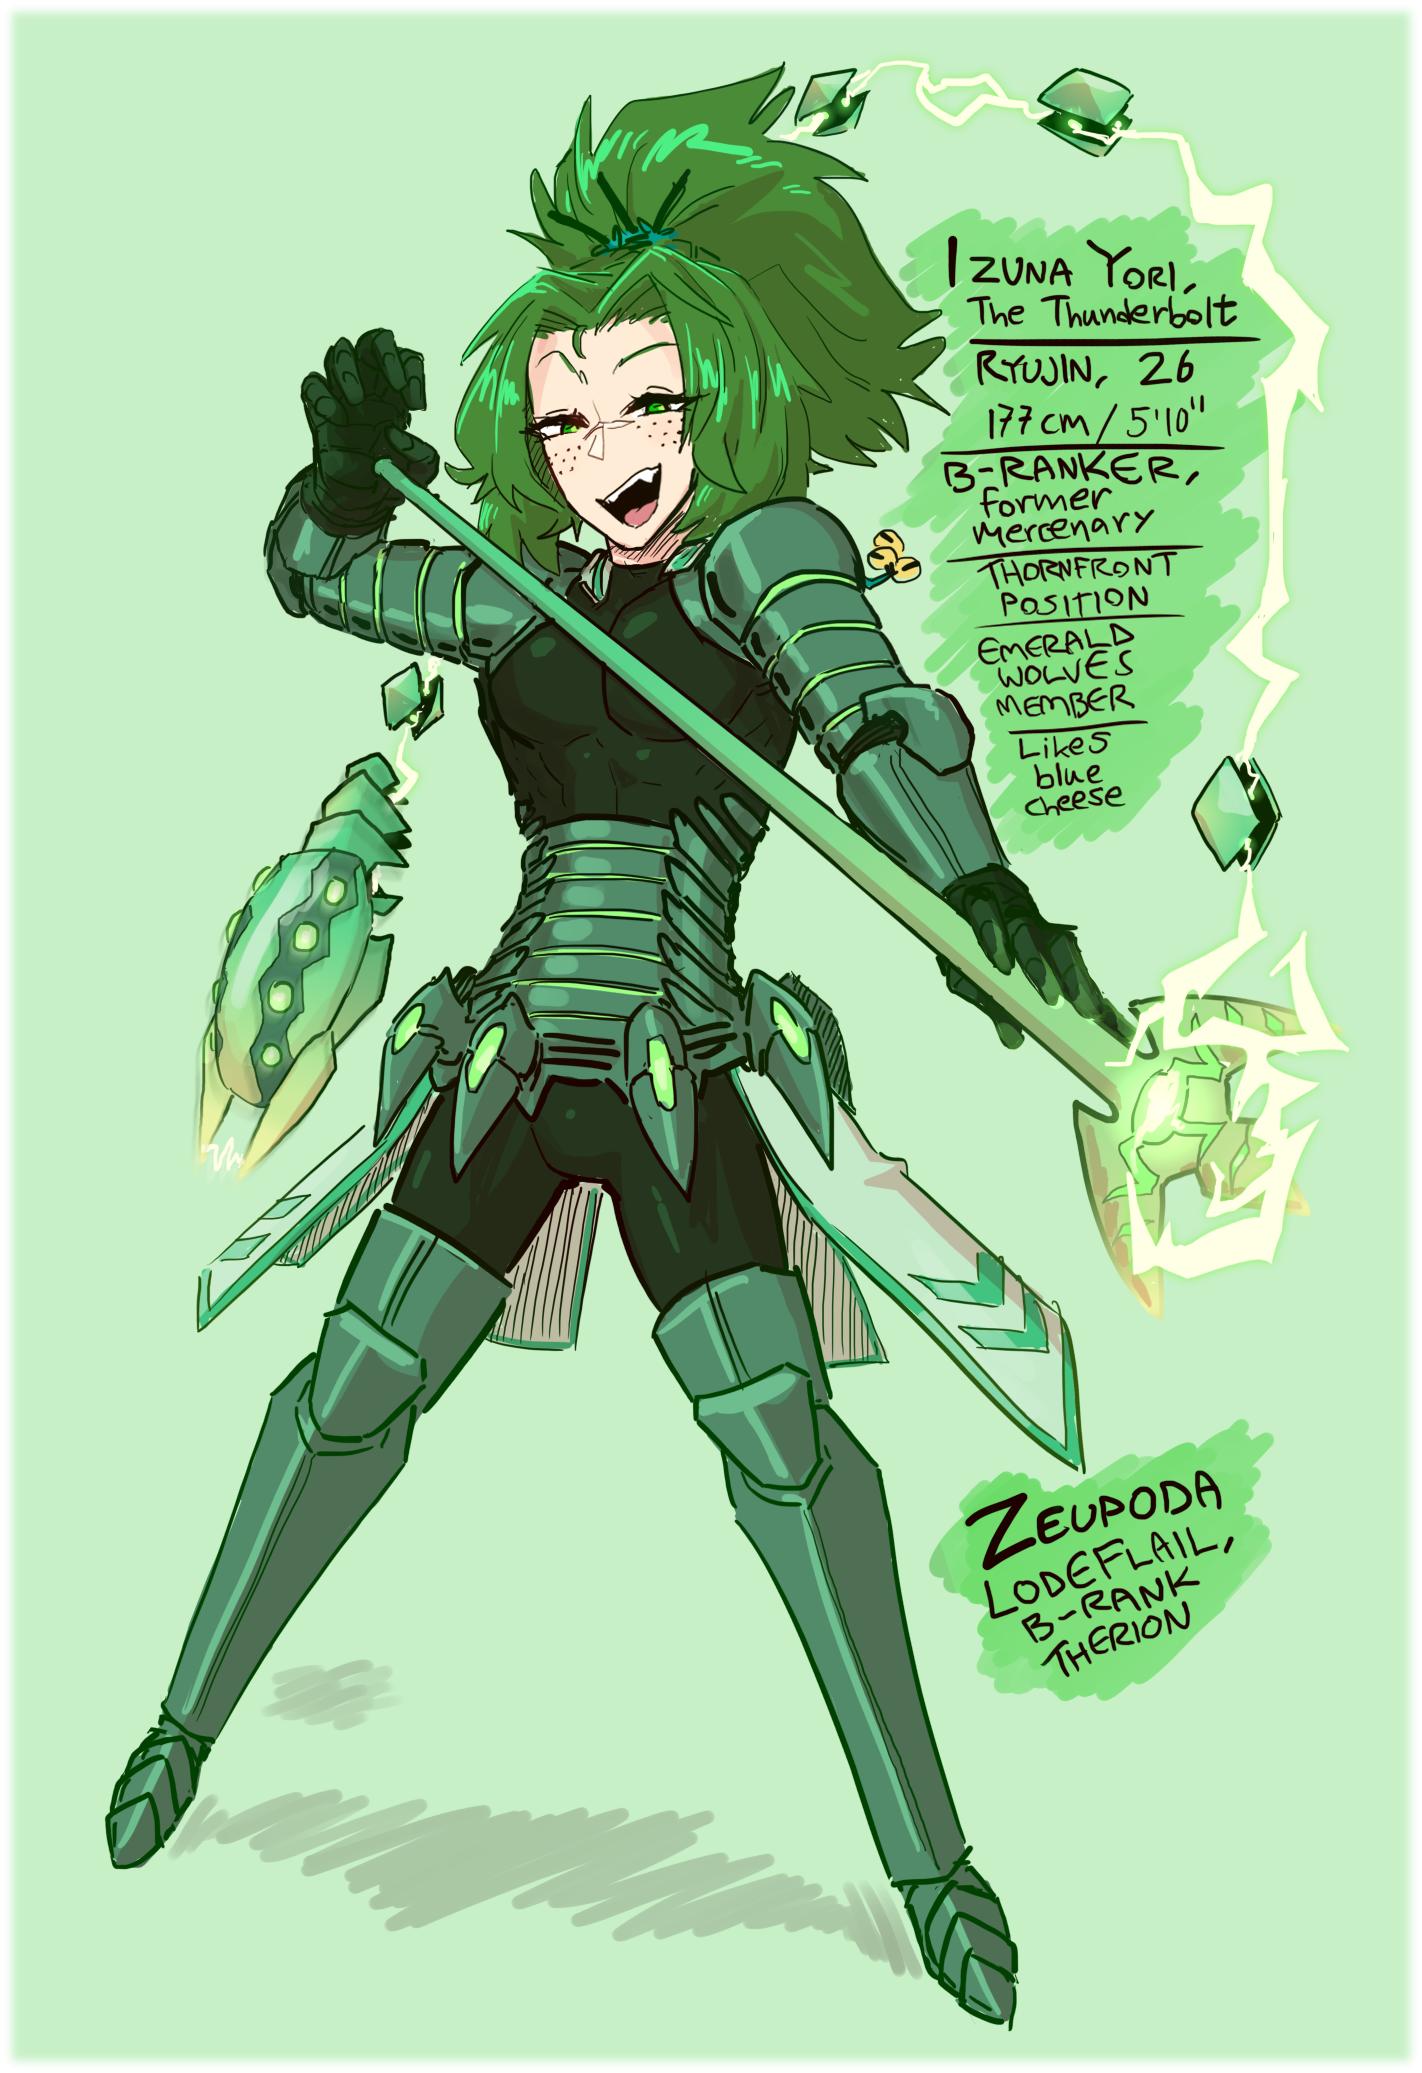 Izuna the Thunderbolt